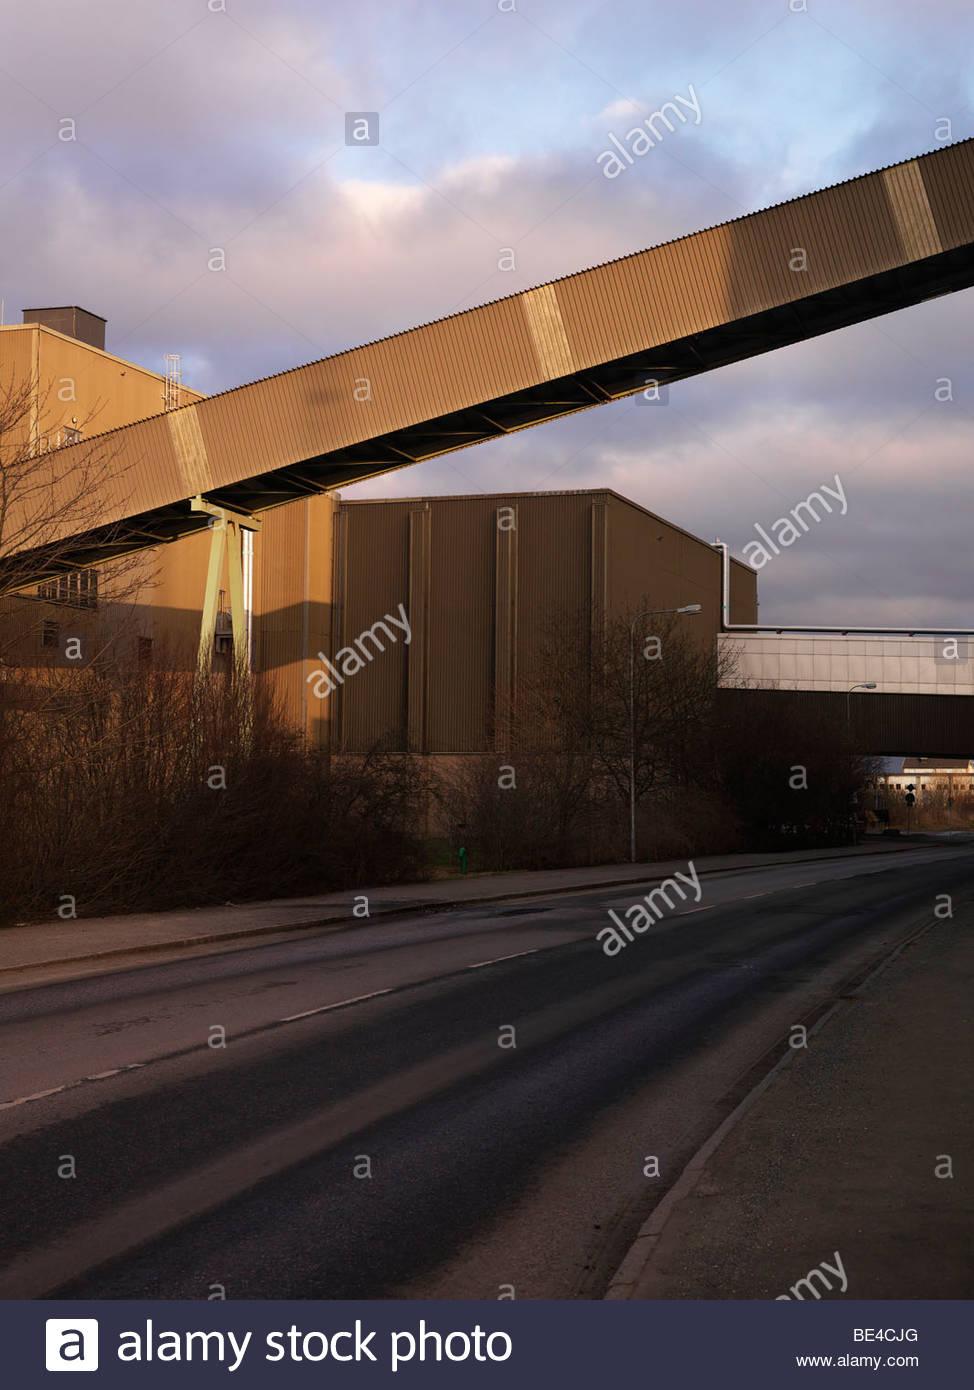 Bridge across a road Stock Photo